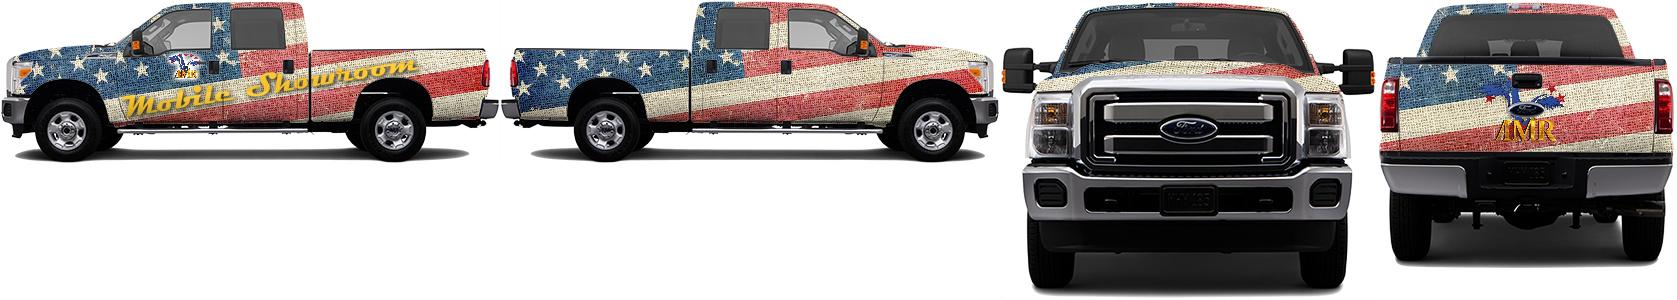 Truck Wrap #52768